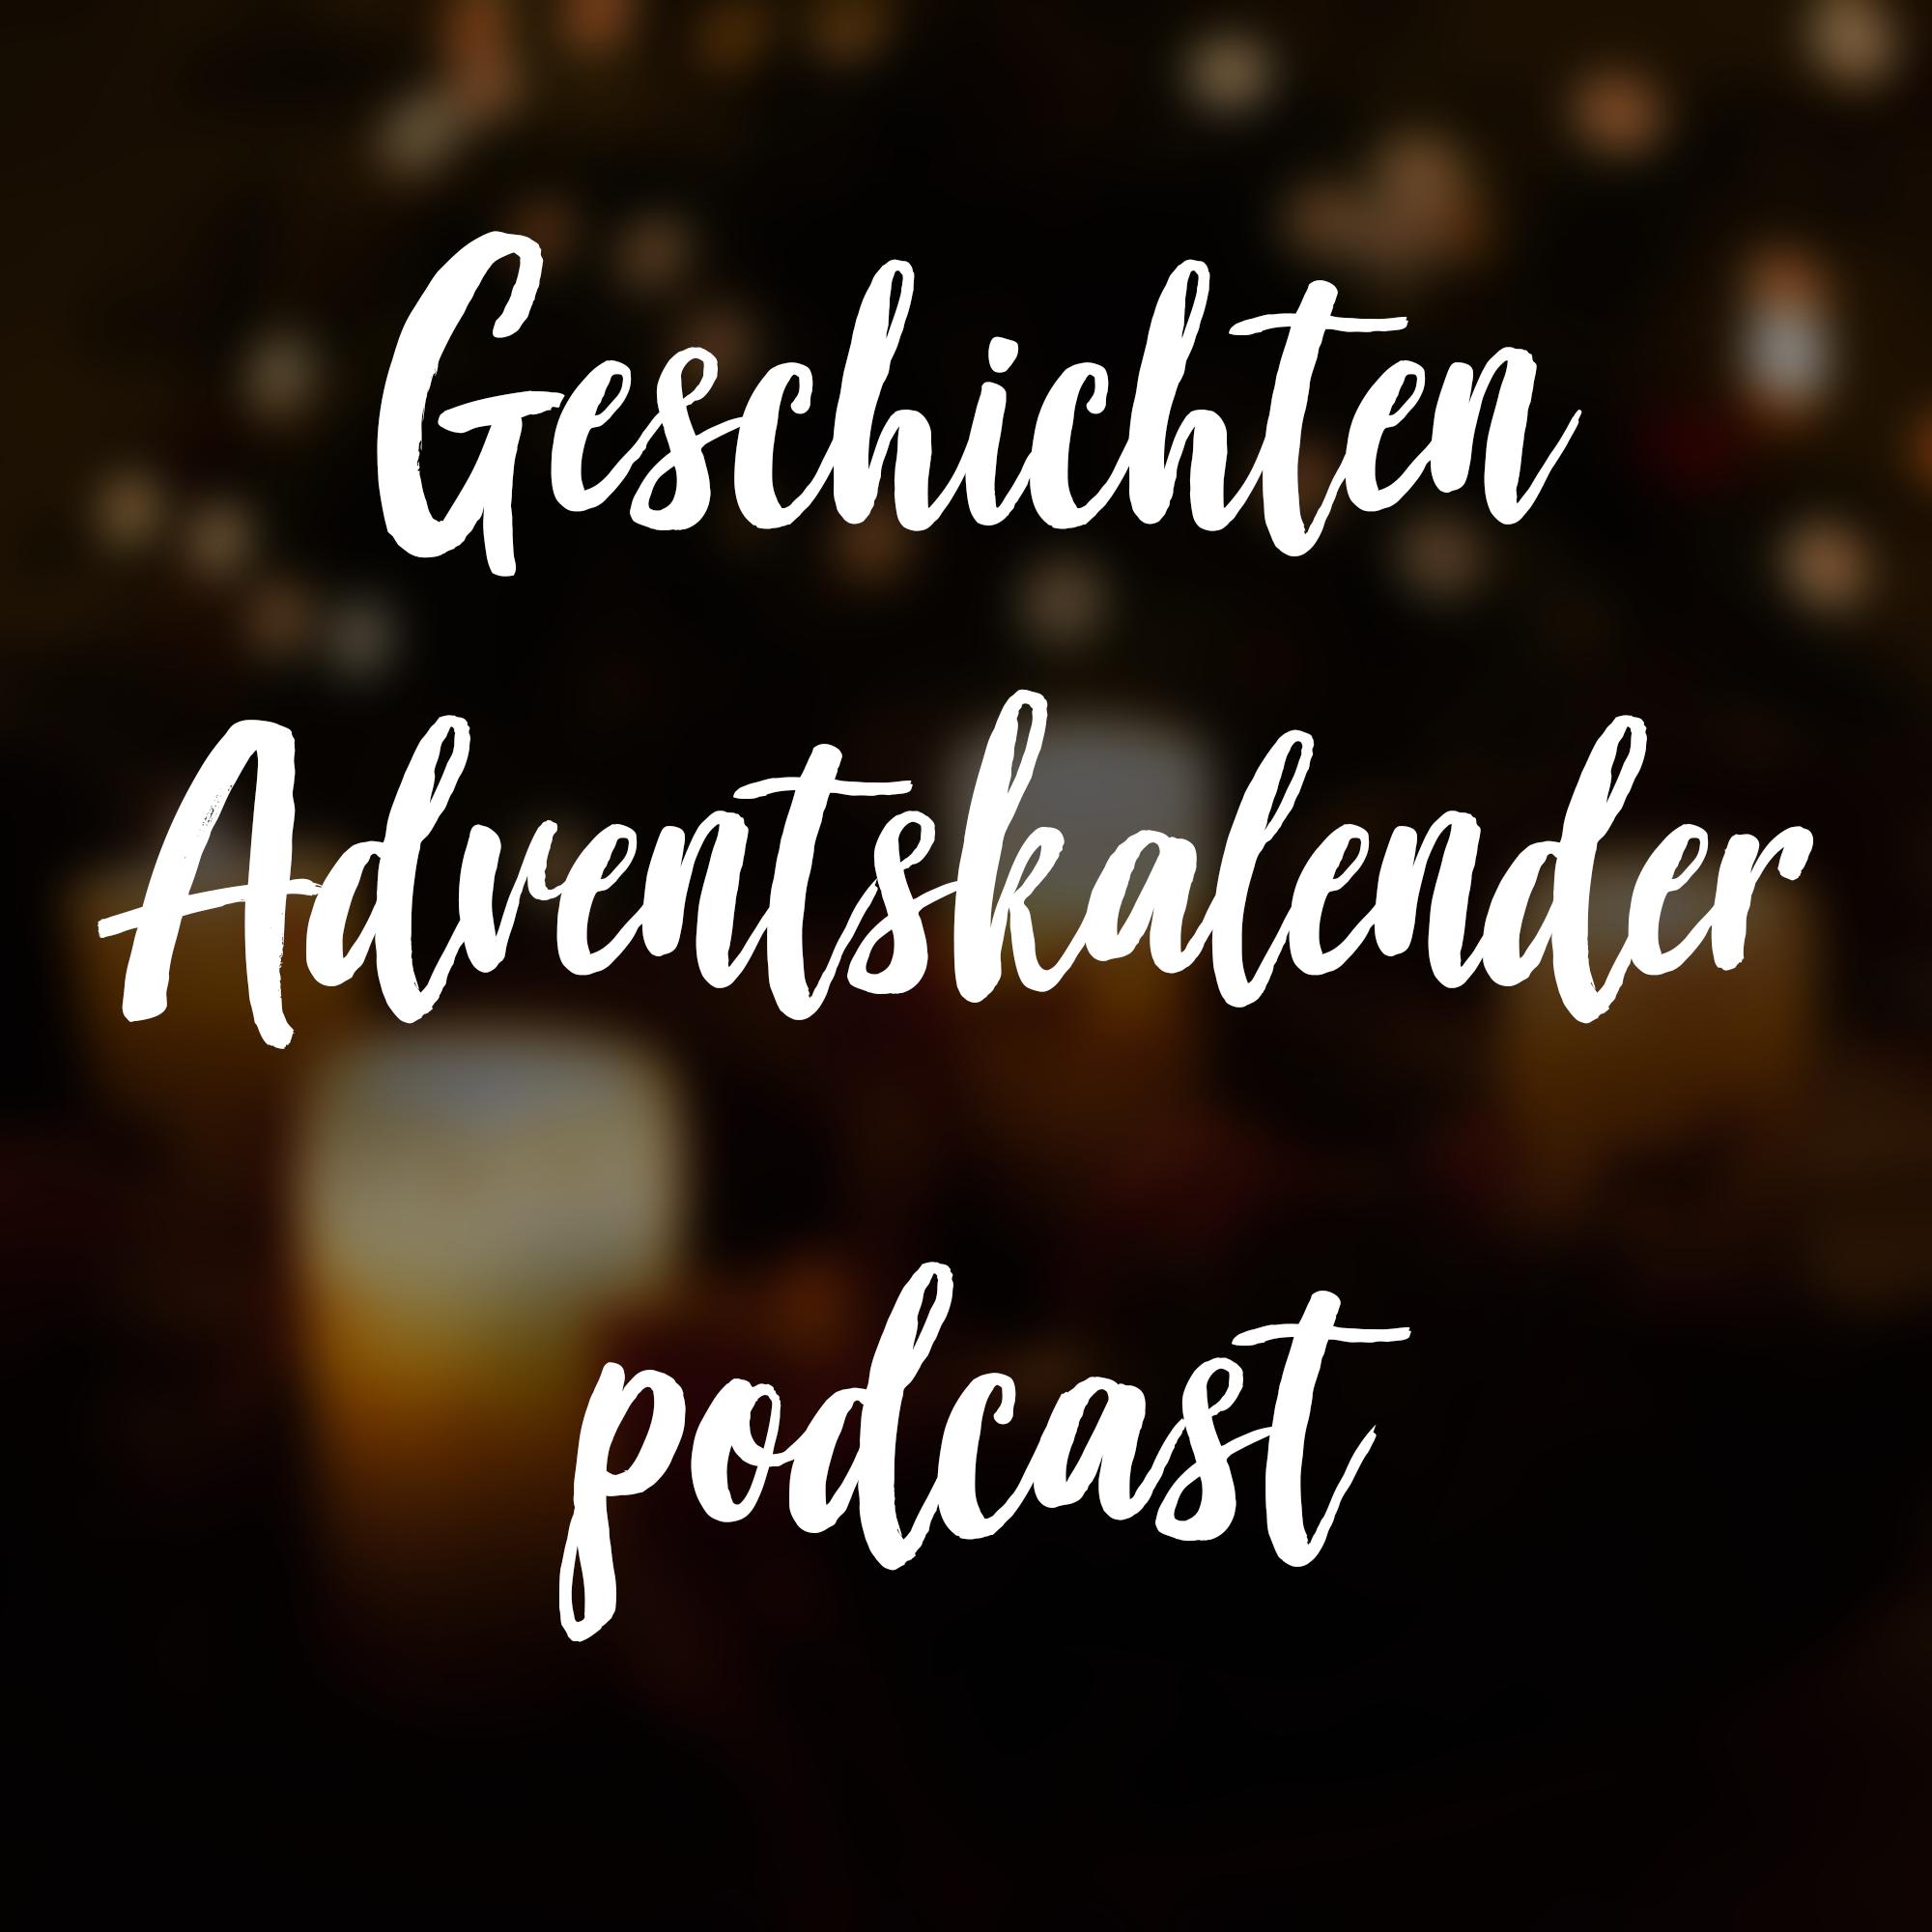 Der Geschichten-Adventskalender Podcast